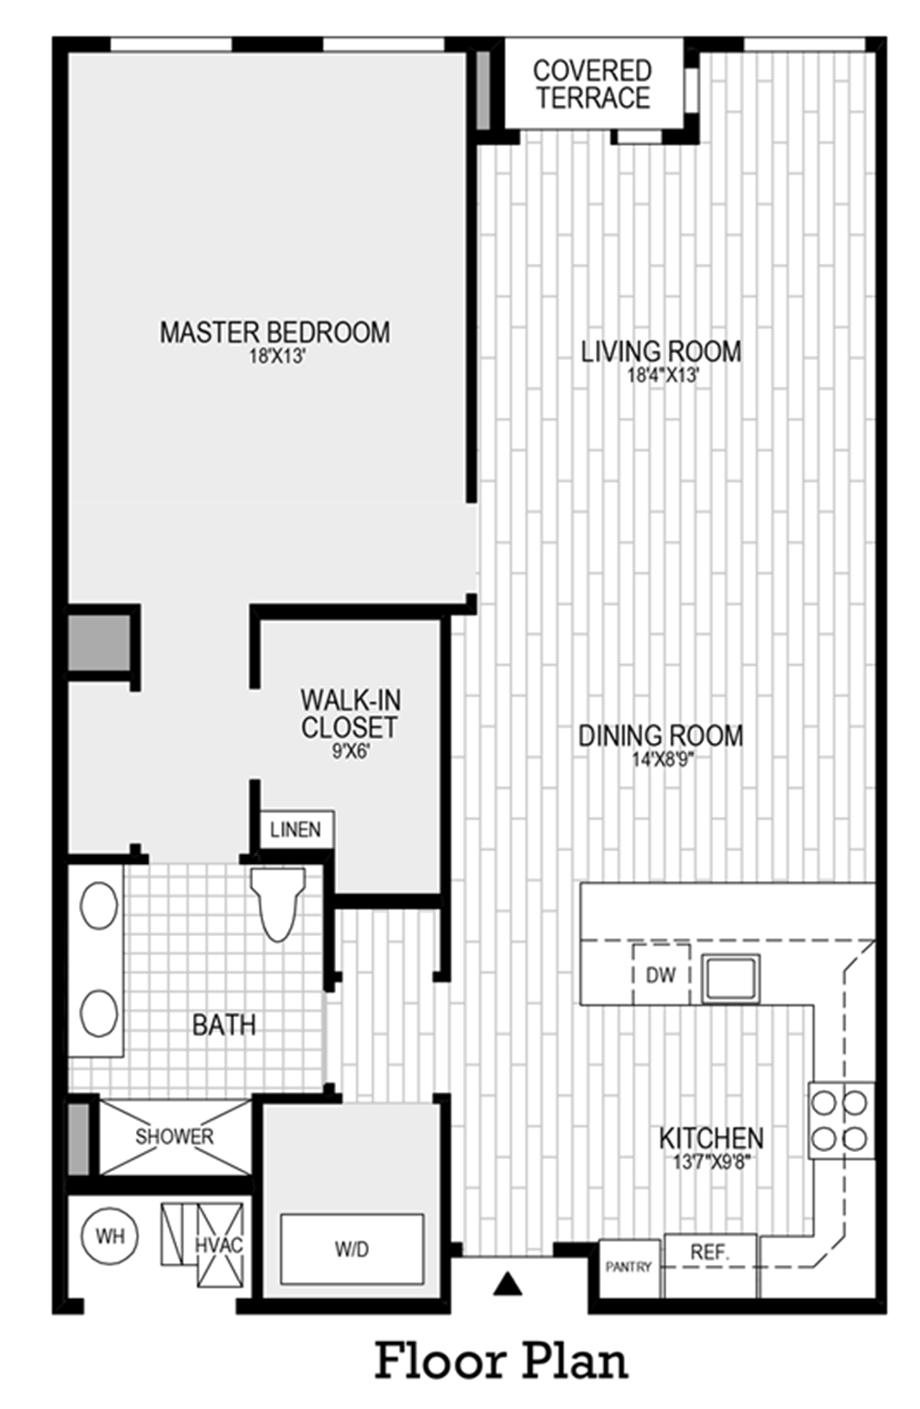 1 Bedroom, 1 Bath Floor Plan